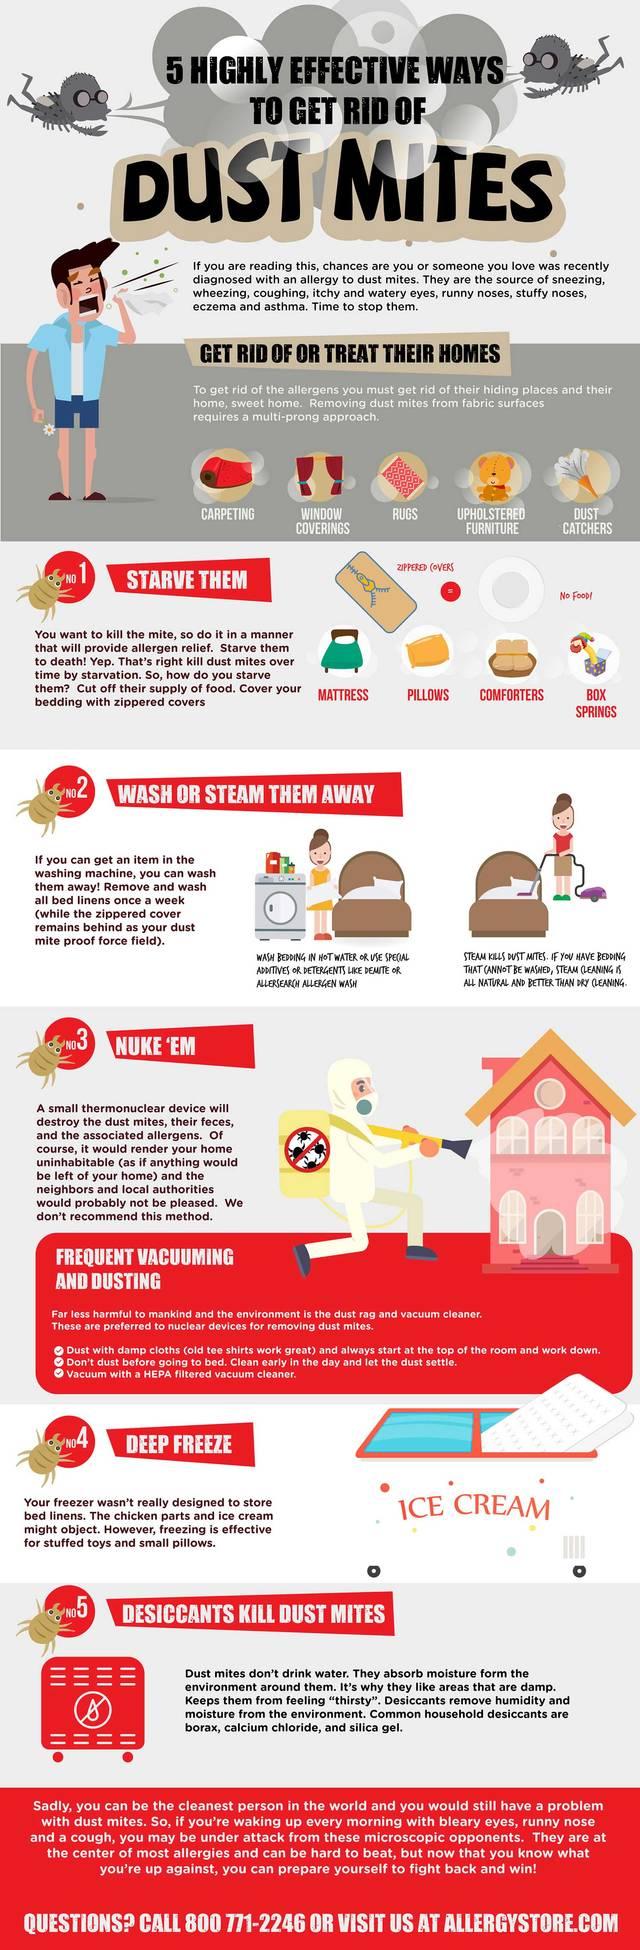 5 way get rid dust mites 1000